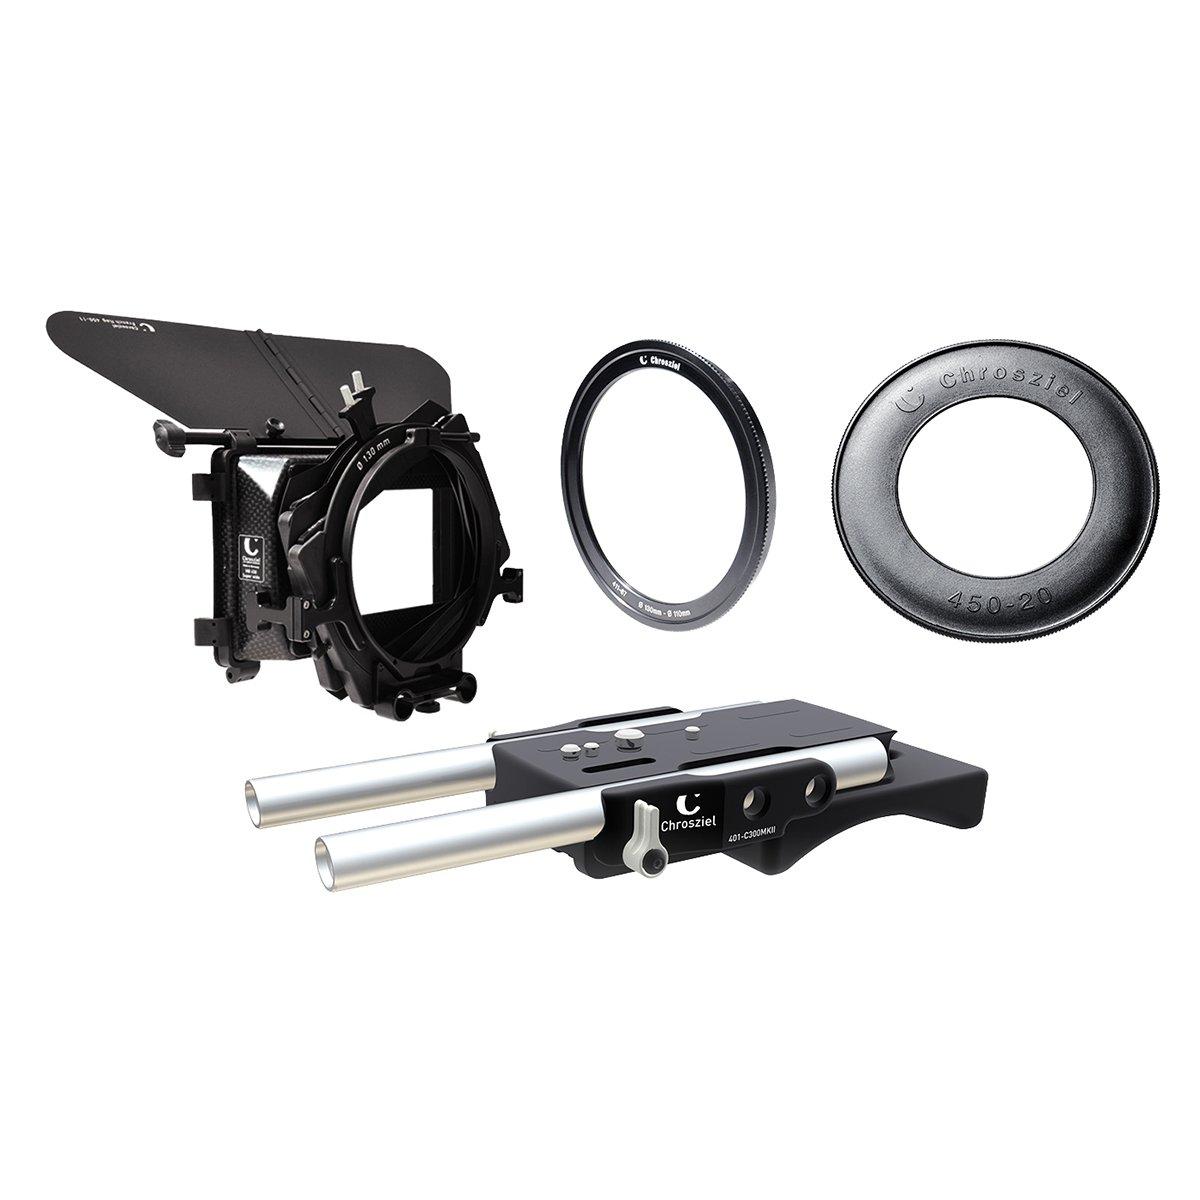 【国内正規品】Chrosziel クロジール Mattebox Kit 450W-20 for Canon EOS C Series 450W-20C300KIT   B00WUGIEW8